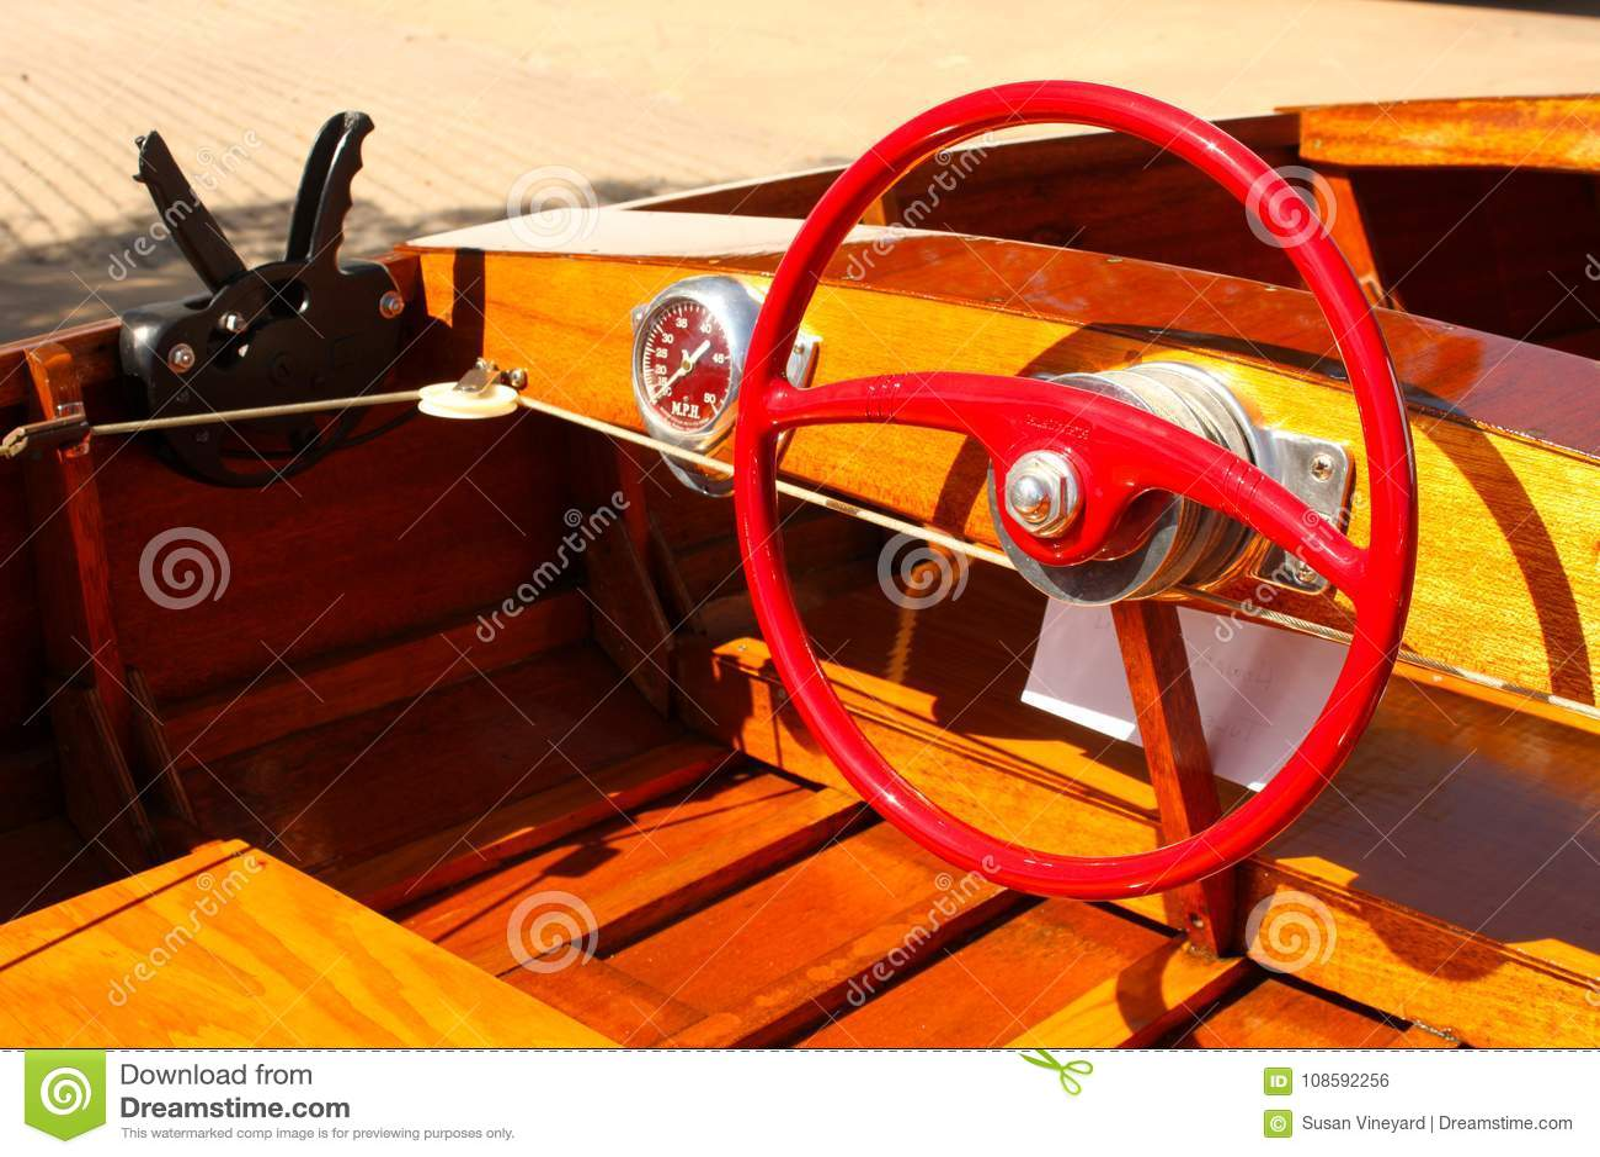 Détail du bateau en bois de vitesse avec le volant rouge lumineux au dock avec les vitesses et le tachymètre